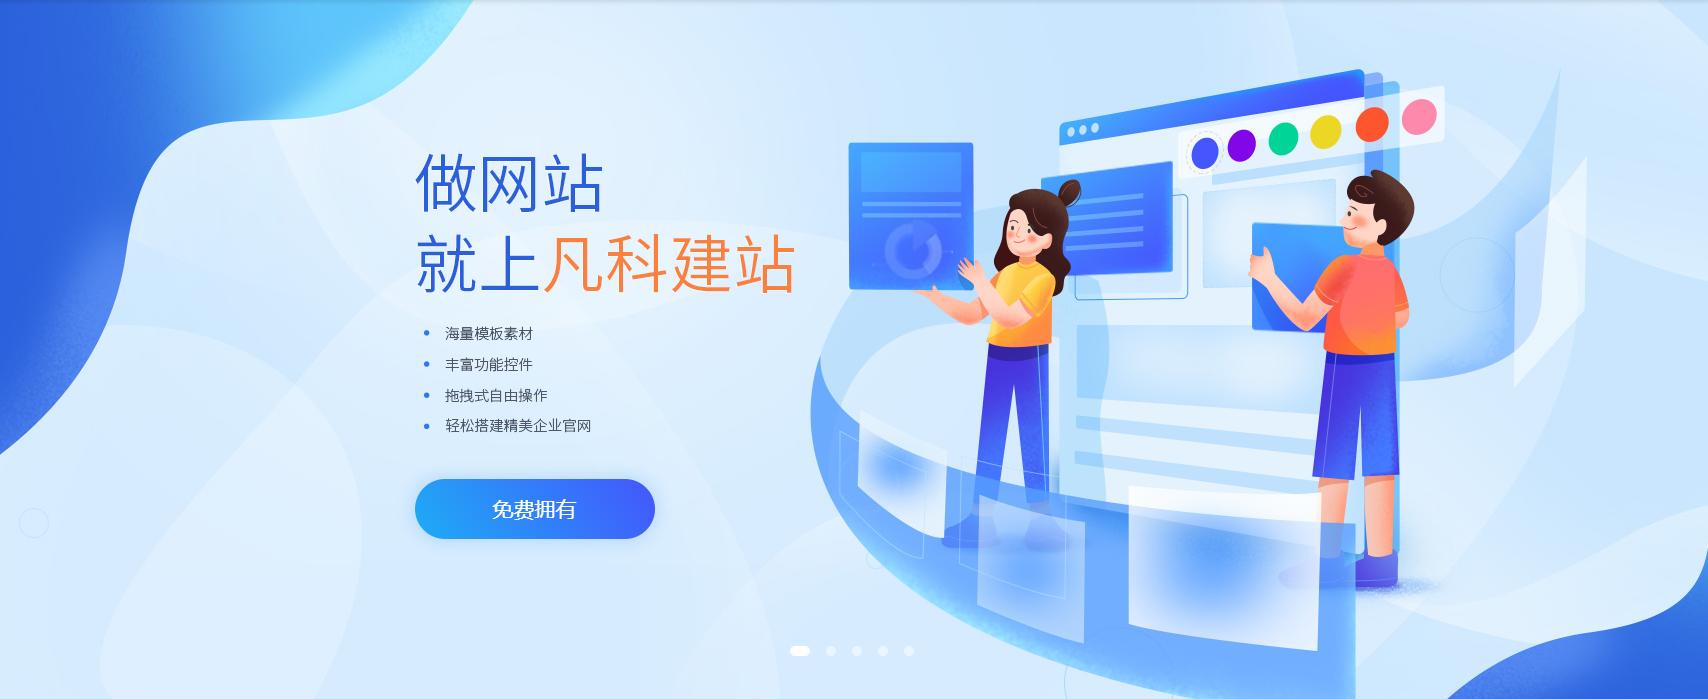 网站背景图